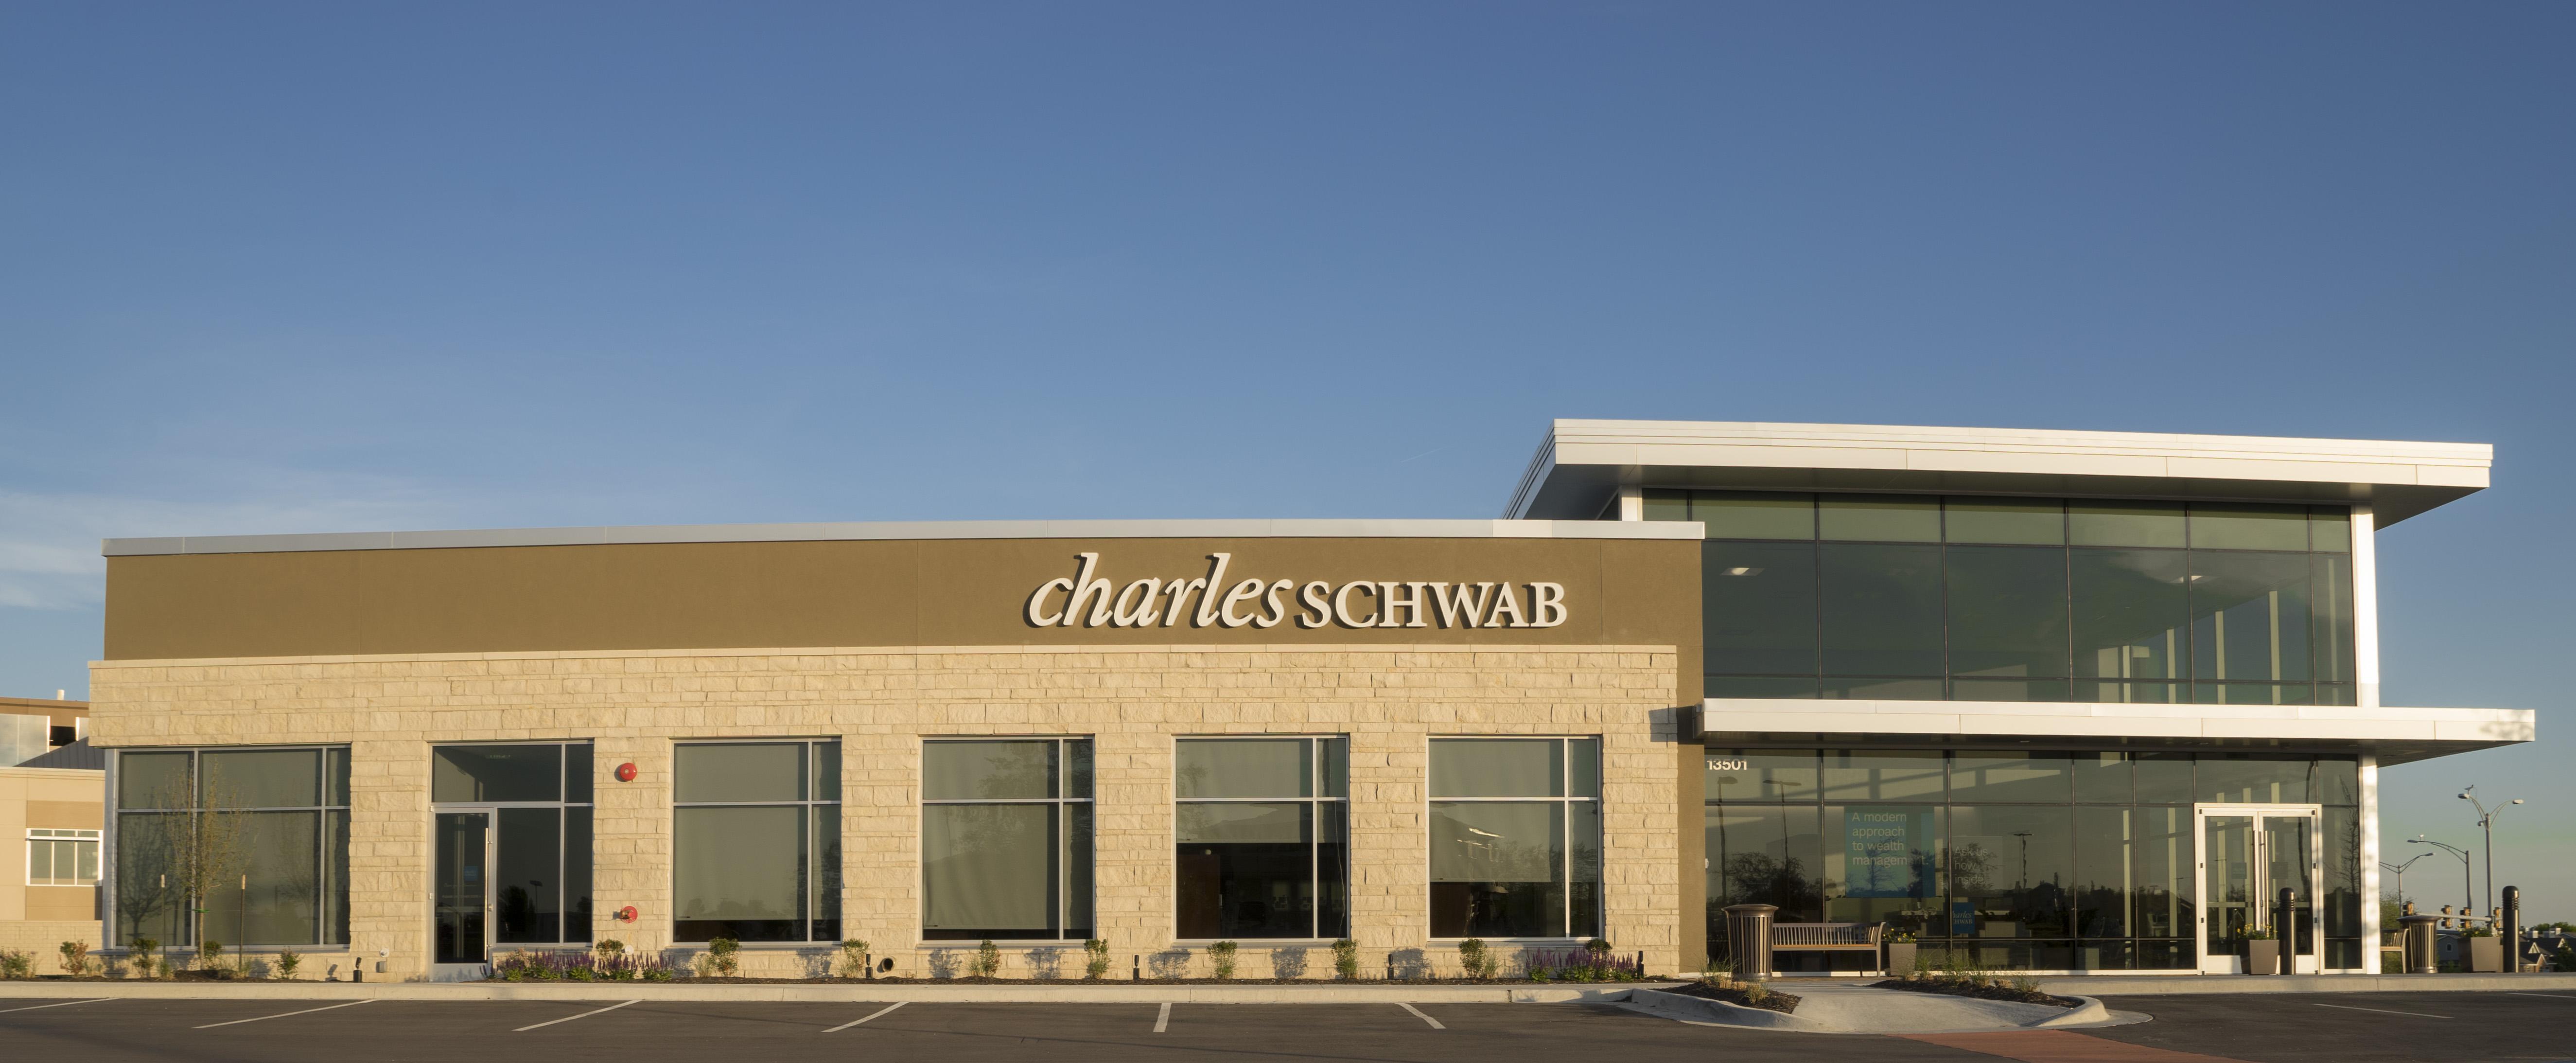 Charles Schwab2